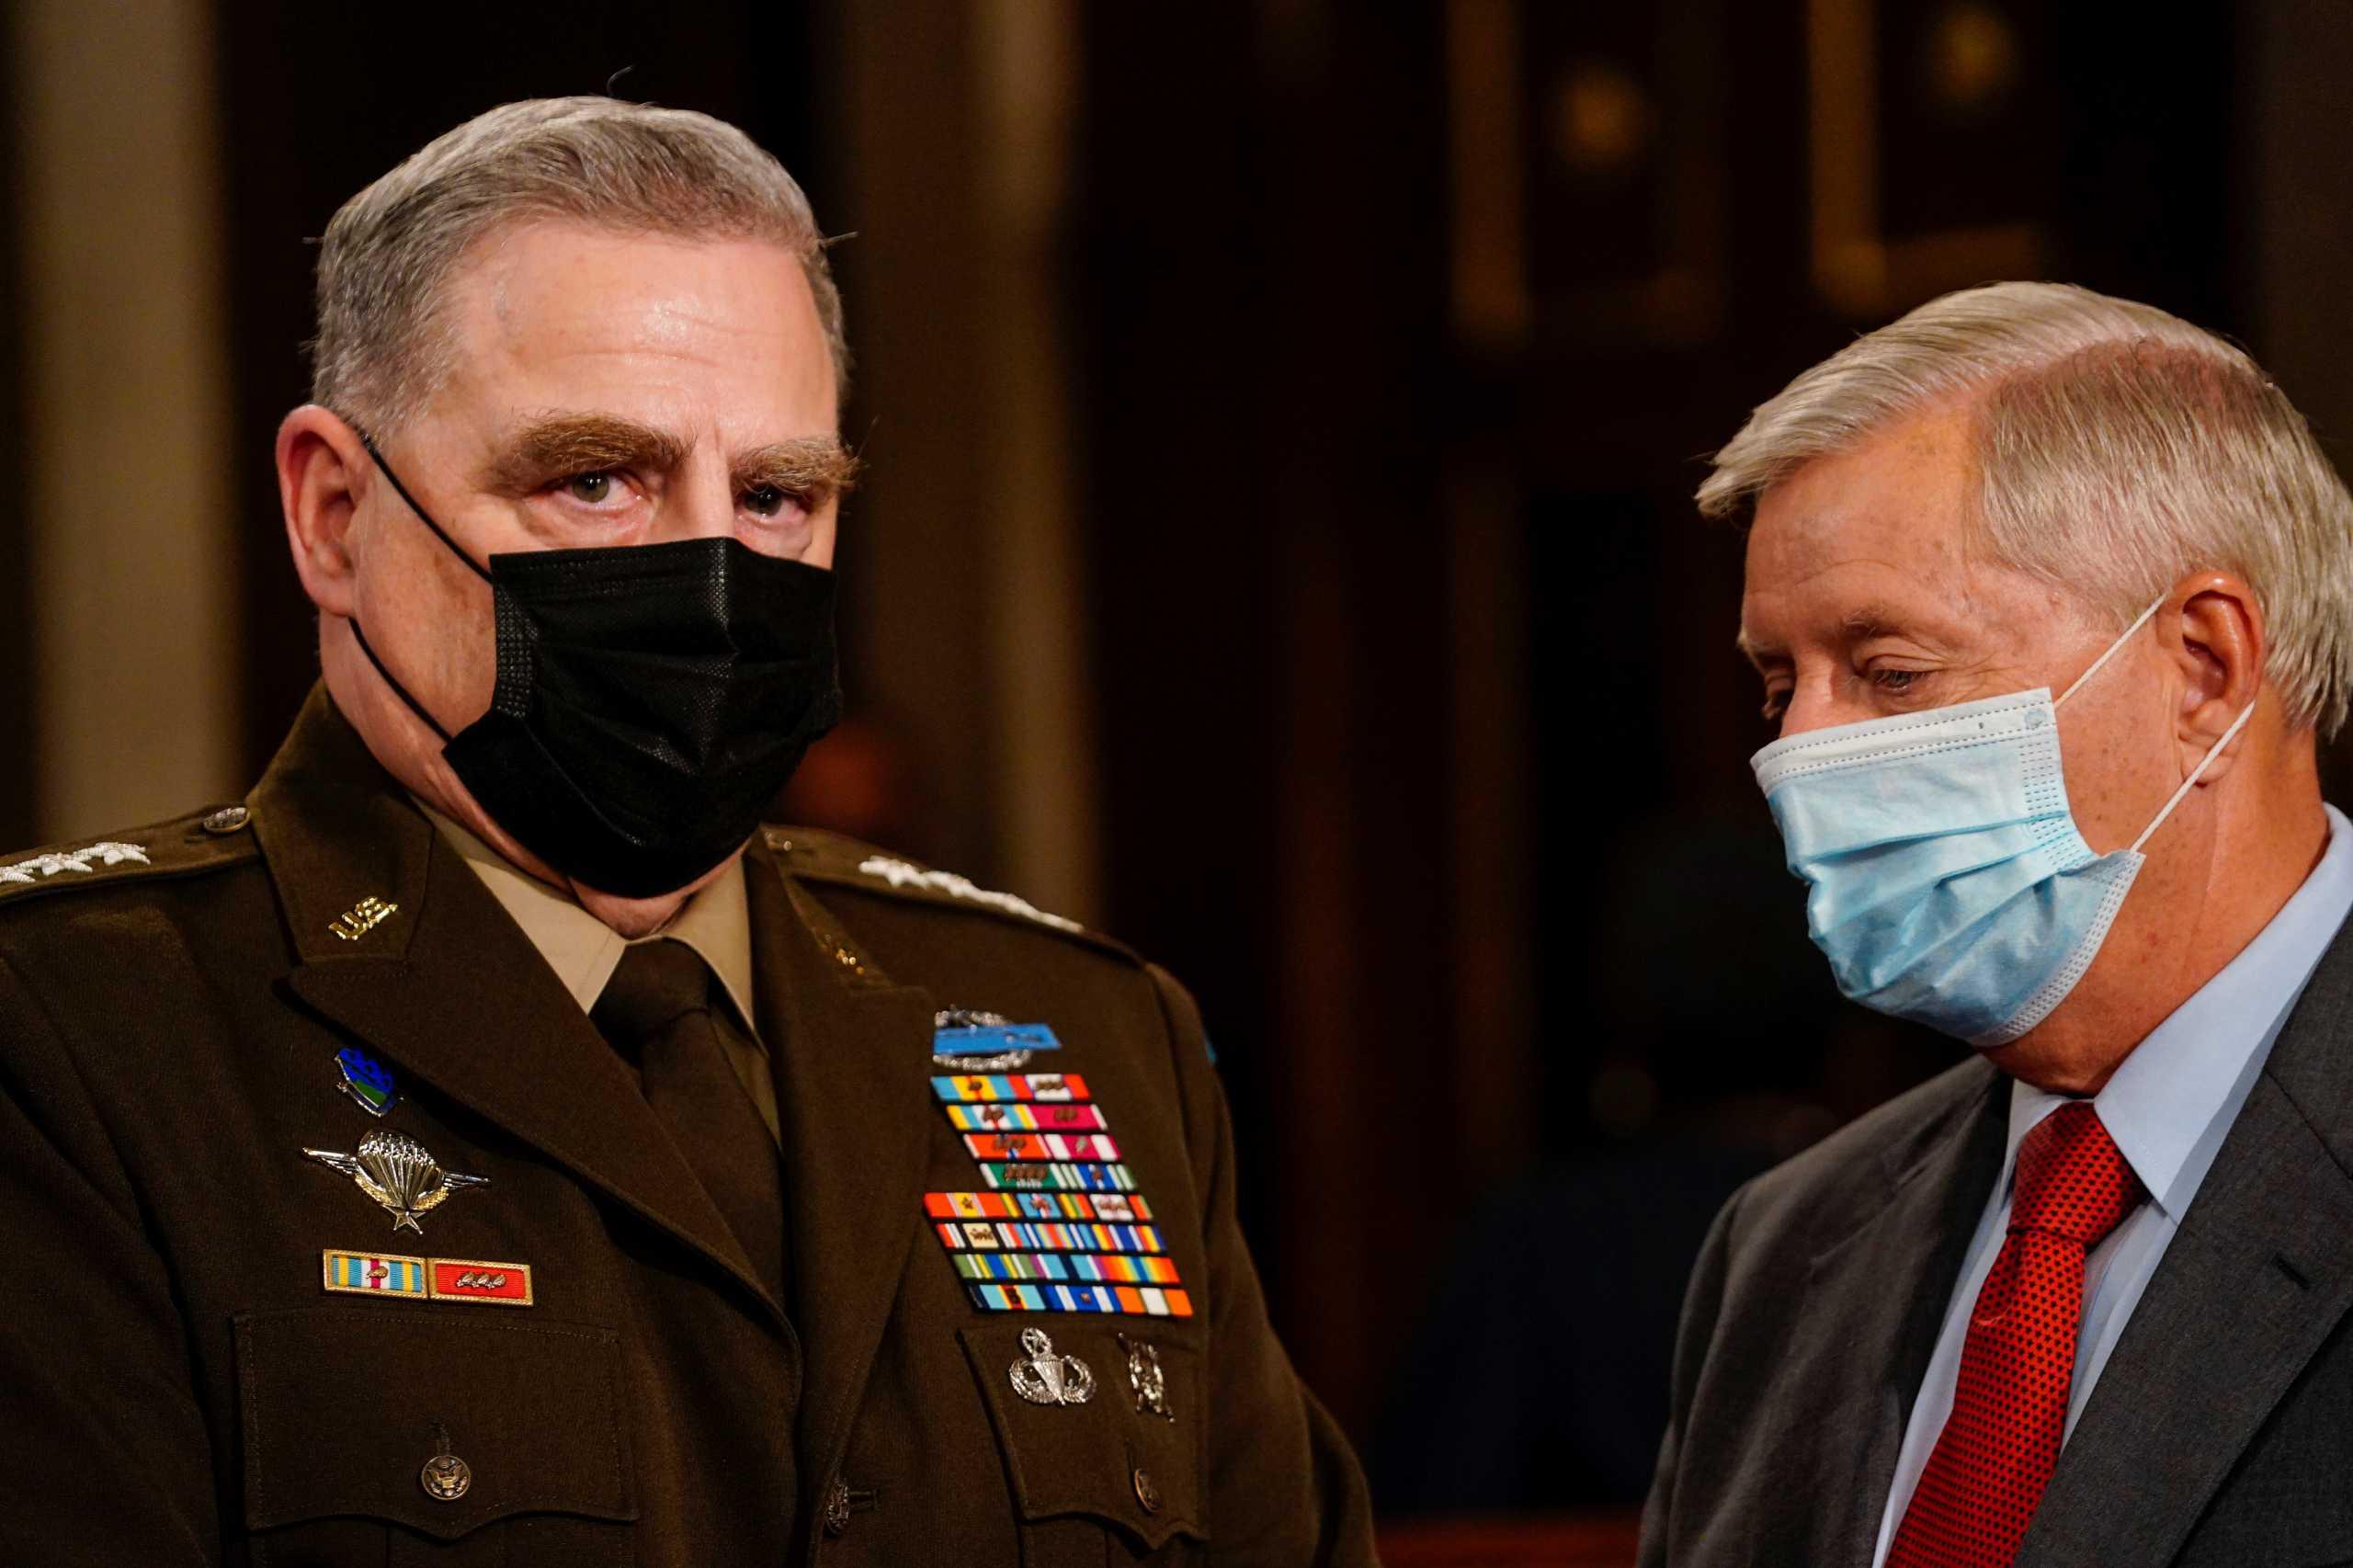 """Ο Αρχηγός Ενόπλων Δυνάμεων των ΗΠΑ μιλά για """"μακρά περίοδο διεθνούς αστάθειας"""""""